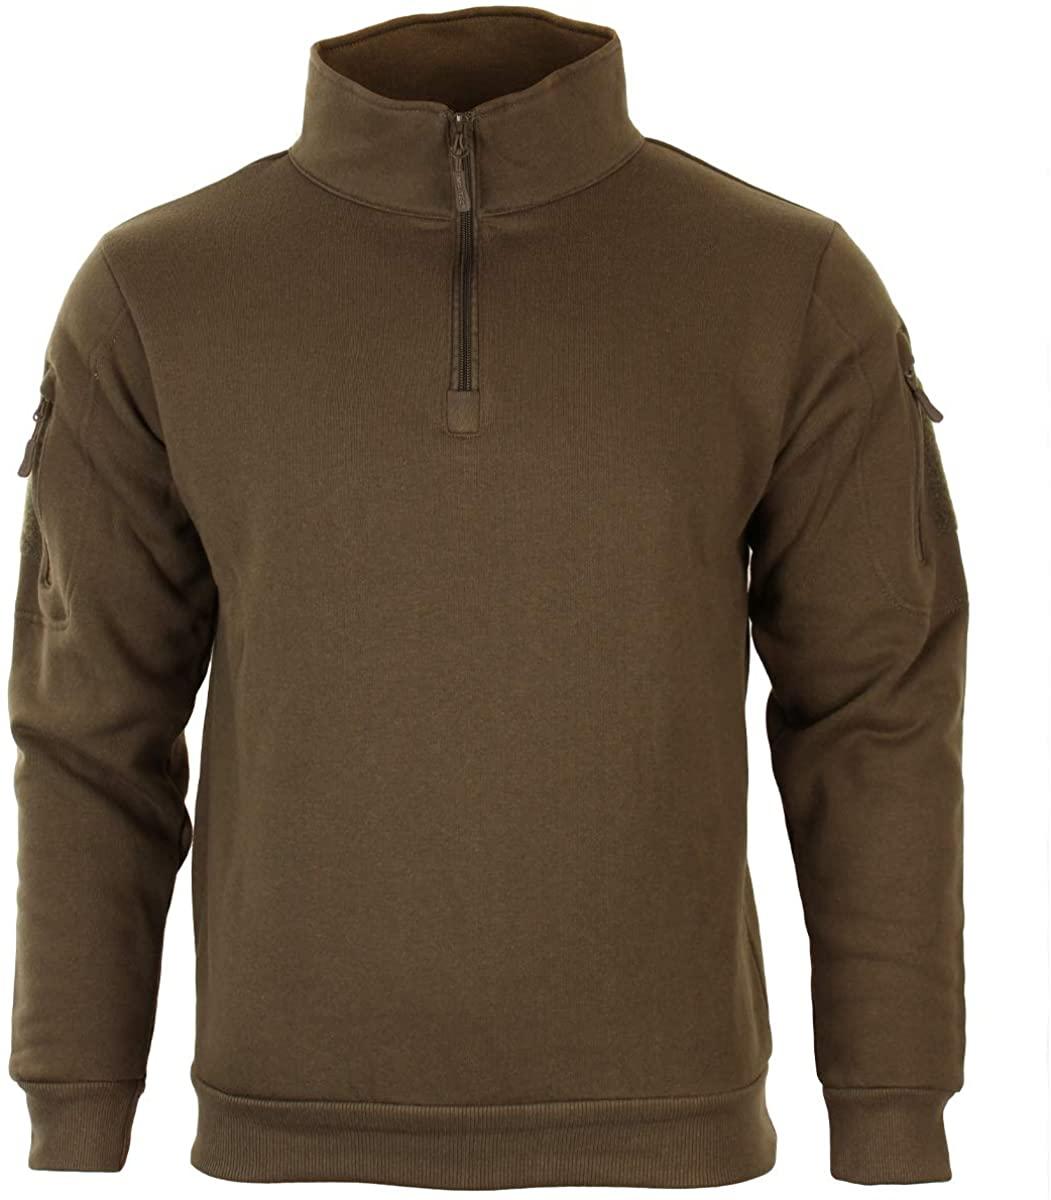 Mil-Tec Sweatshirt with Zipper